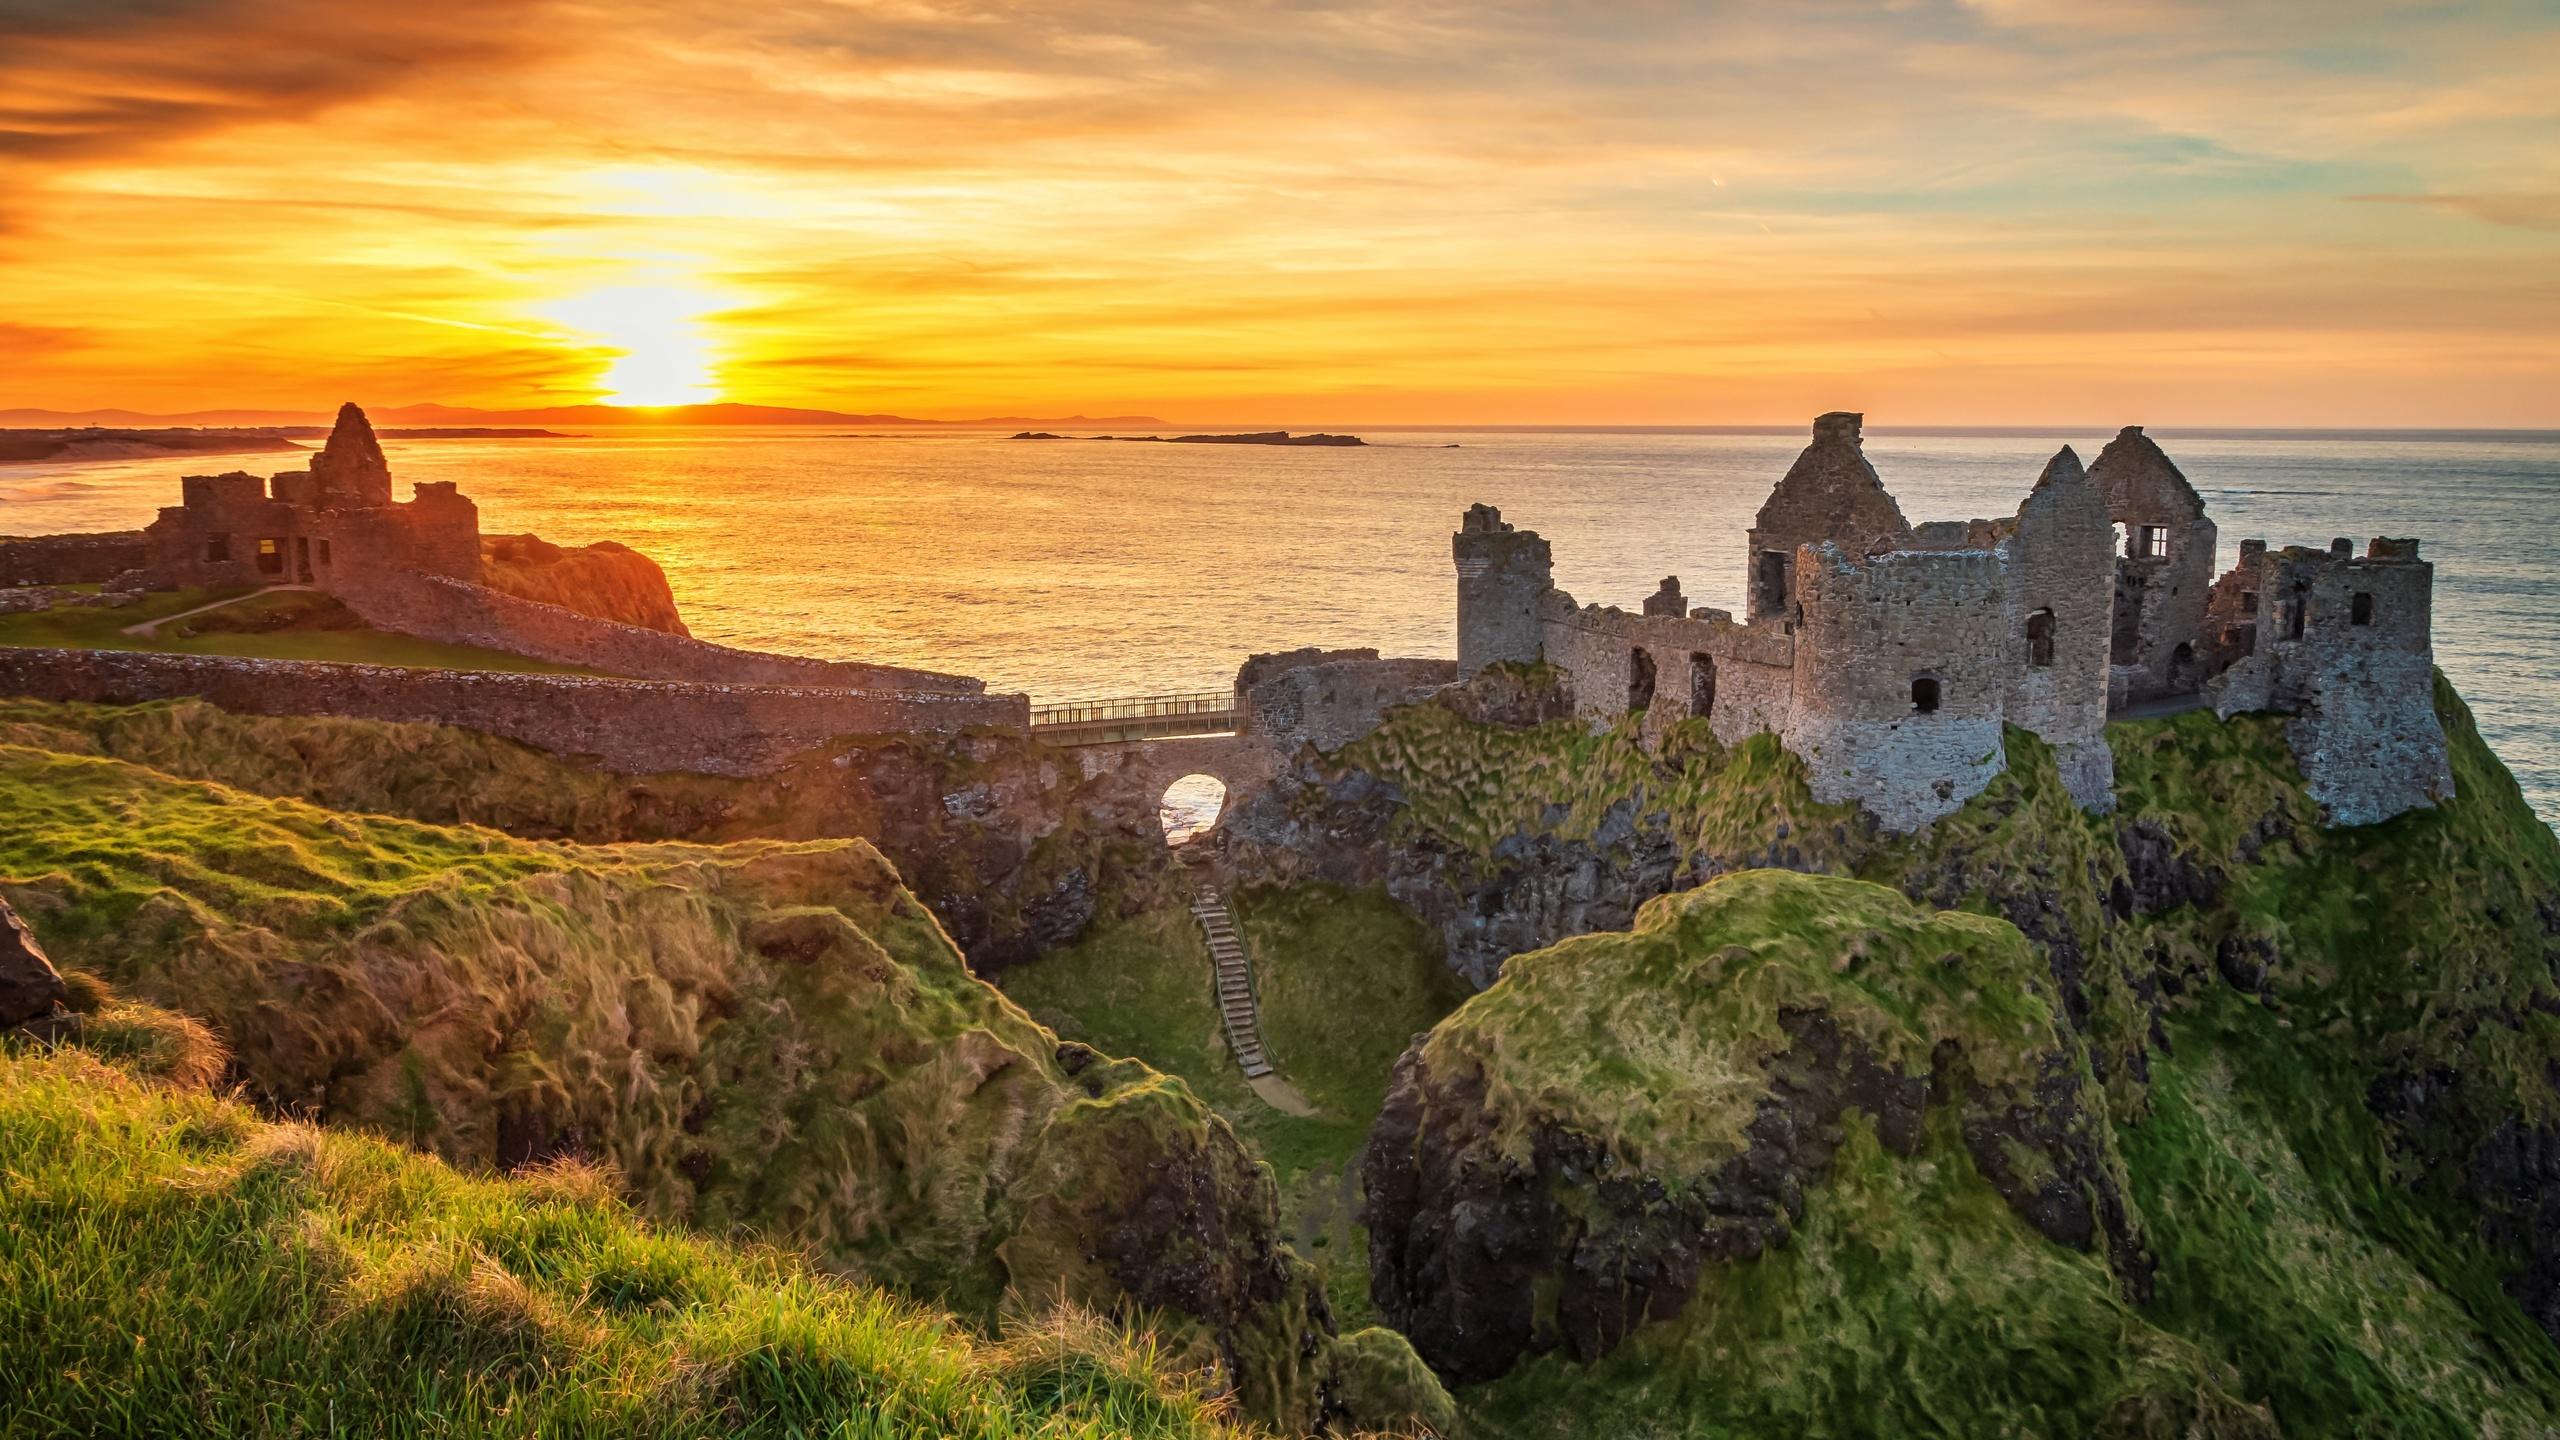 море, пейзаж, закат, природа, скалы, руины, ирландия, замок данлюс, dunluce castle